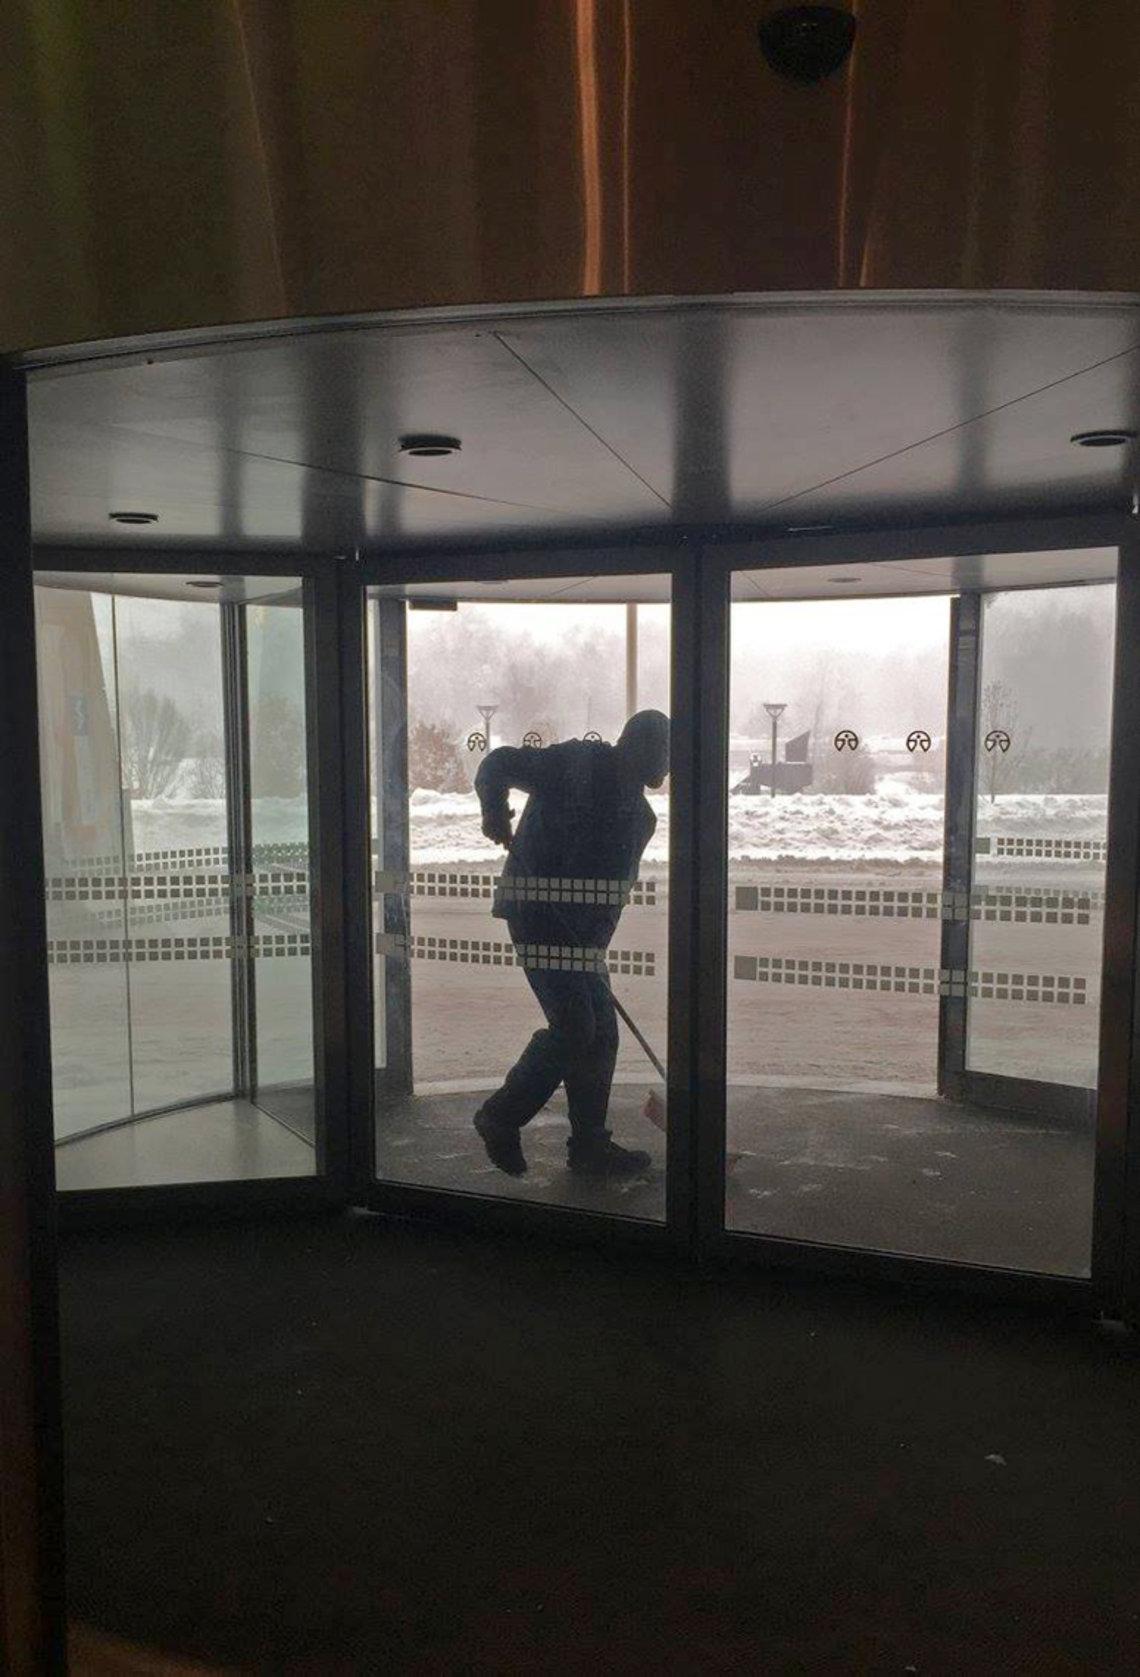 A snow shoveler clears a hospital entrance